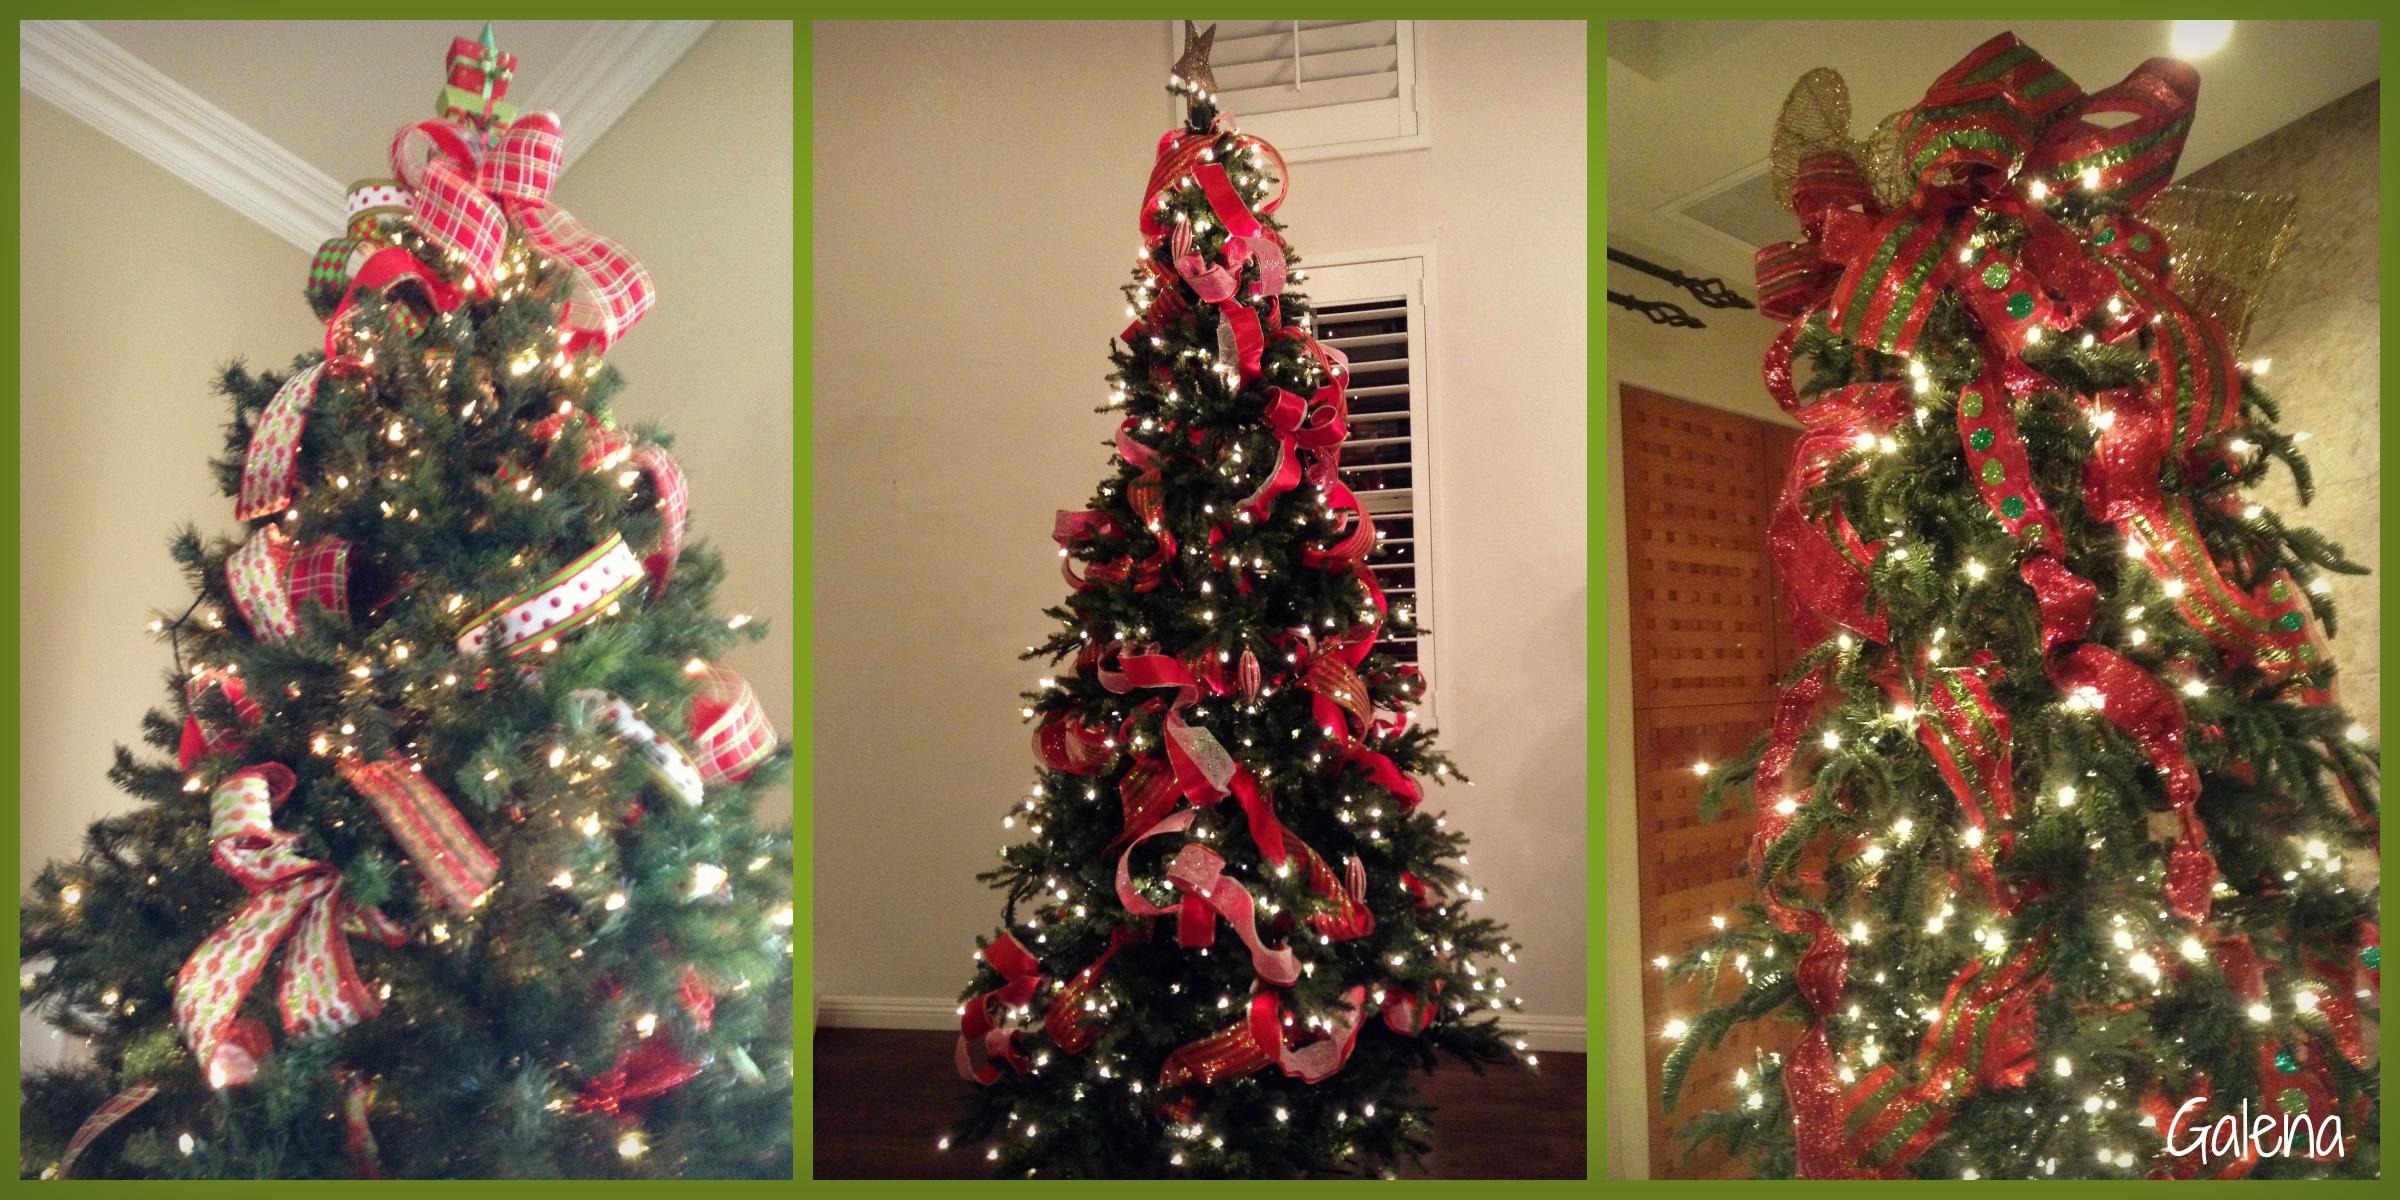 Para Poner Los Listones Al Arbol De Navidad Ana Galena - Fotos-arboles-de-navidad-decorados